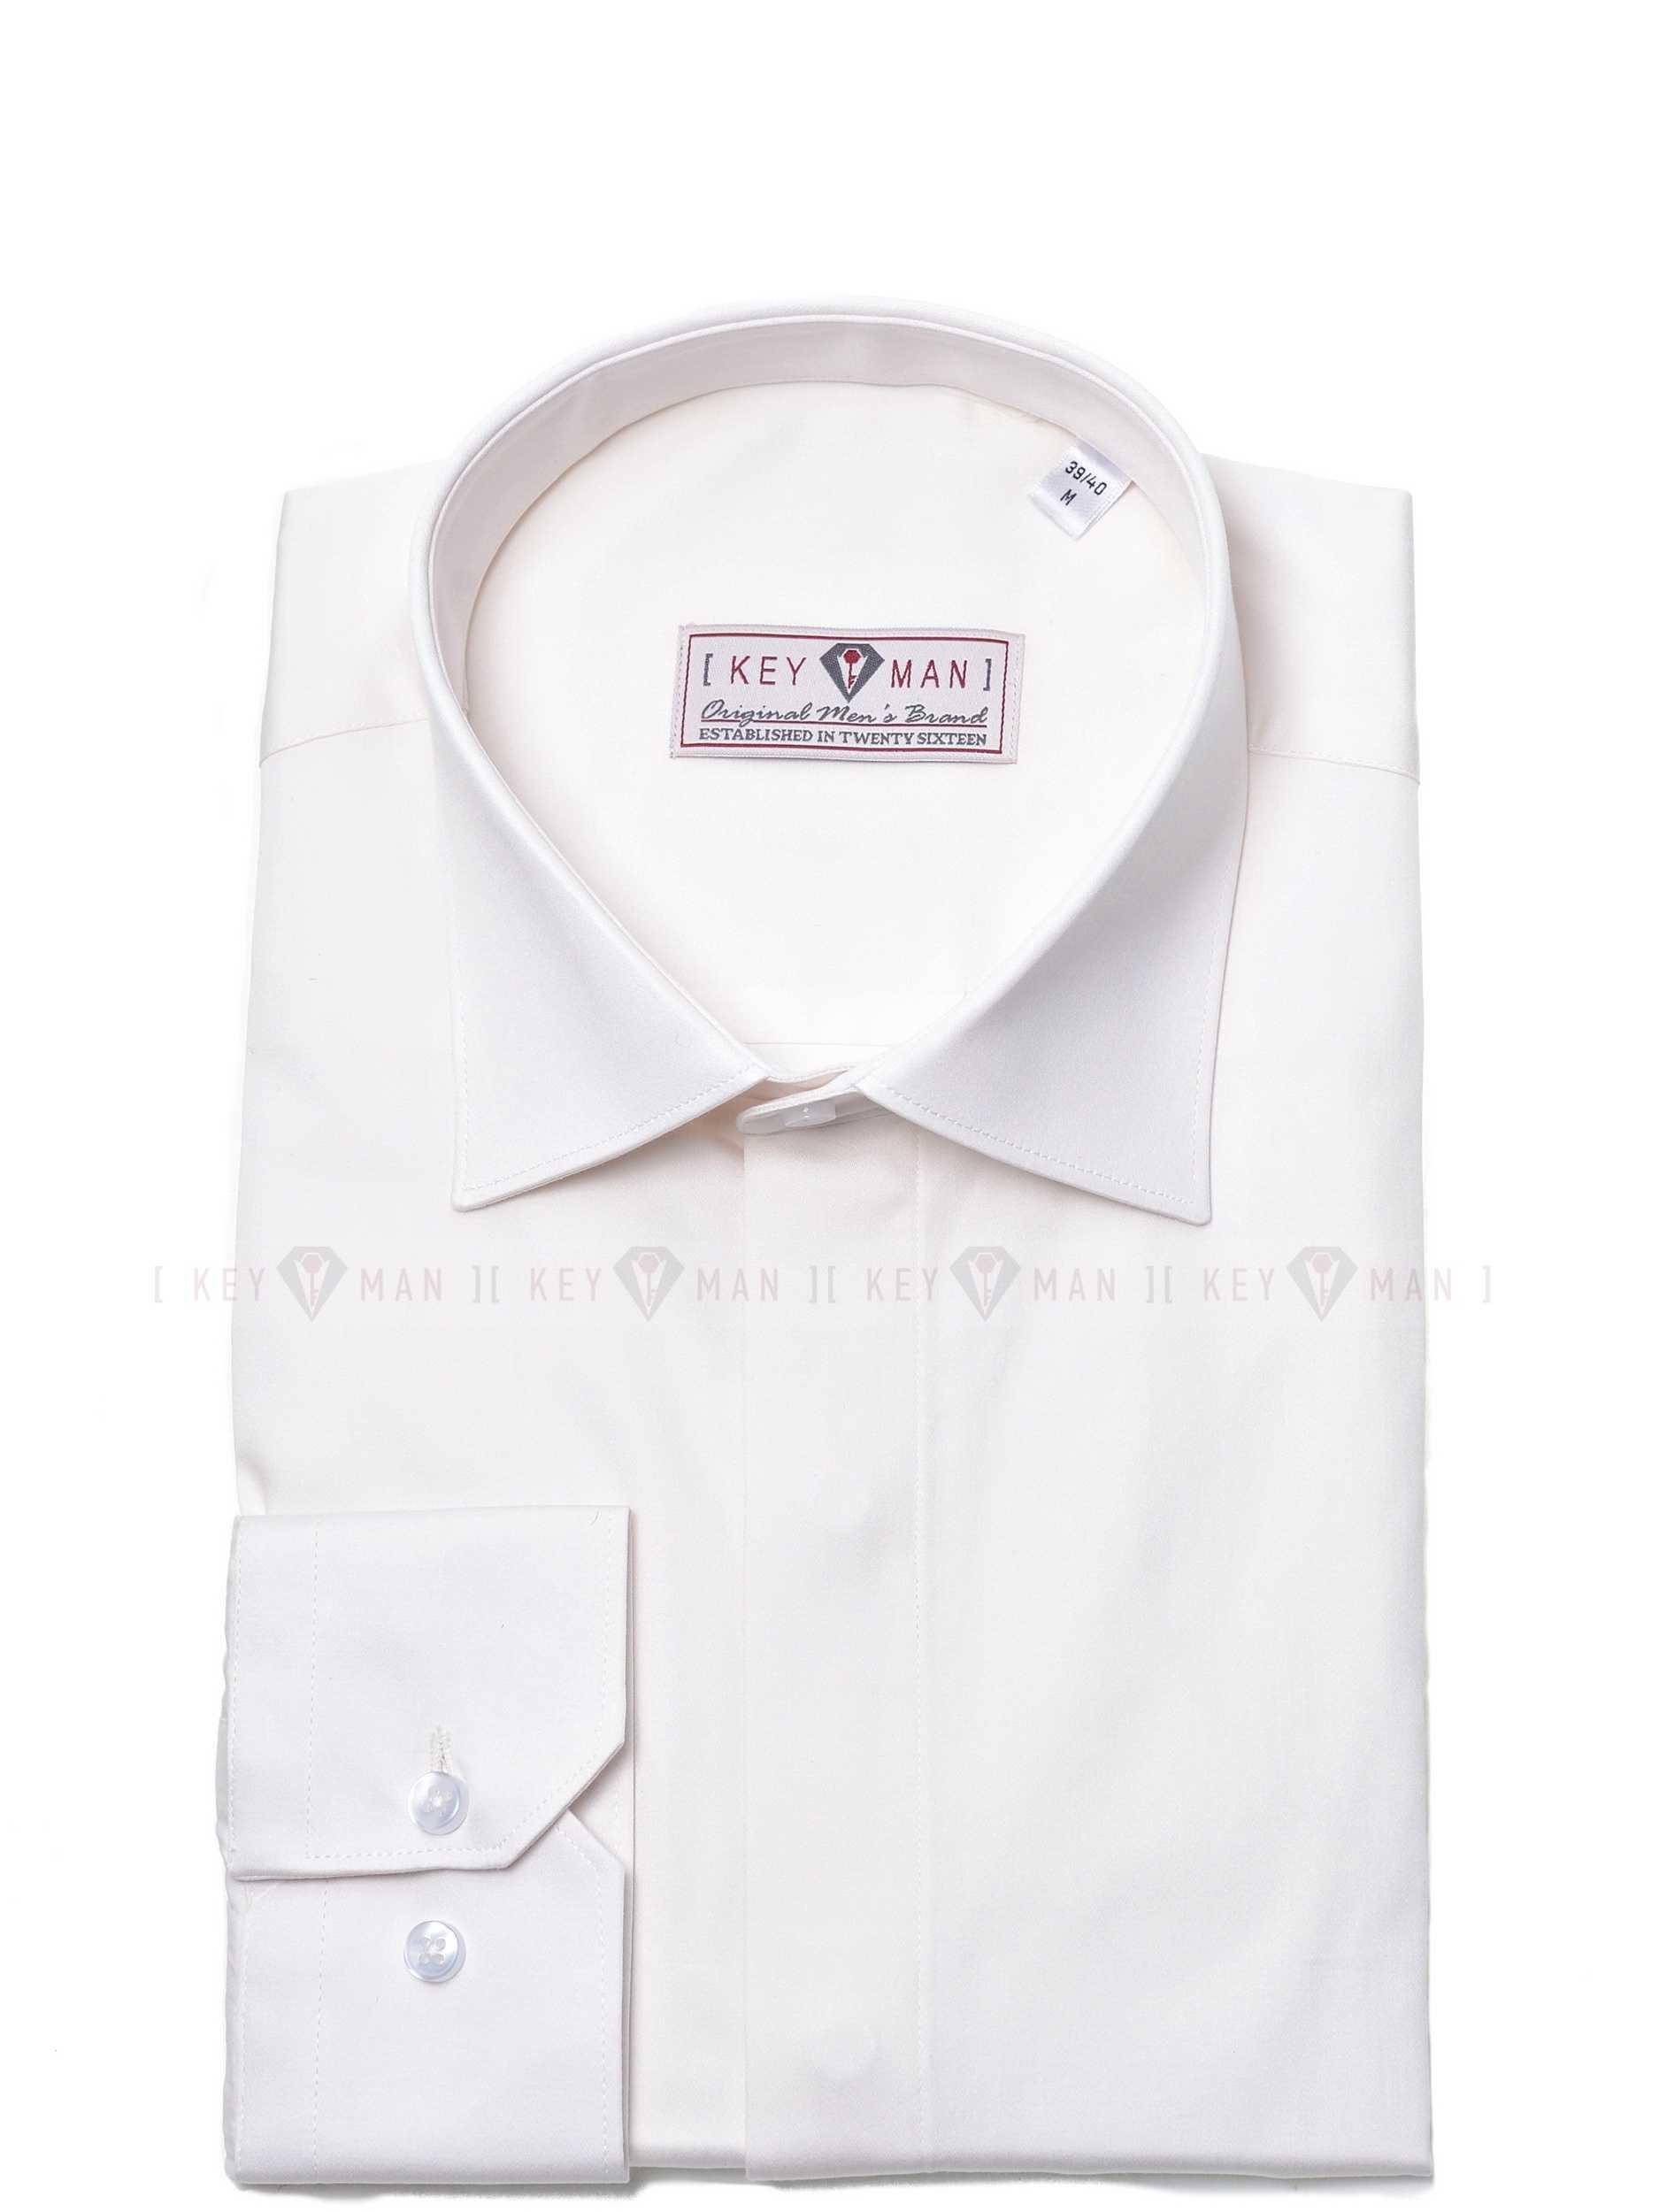 Рубашка мужская айвори сатин закрытая планка